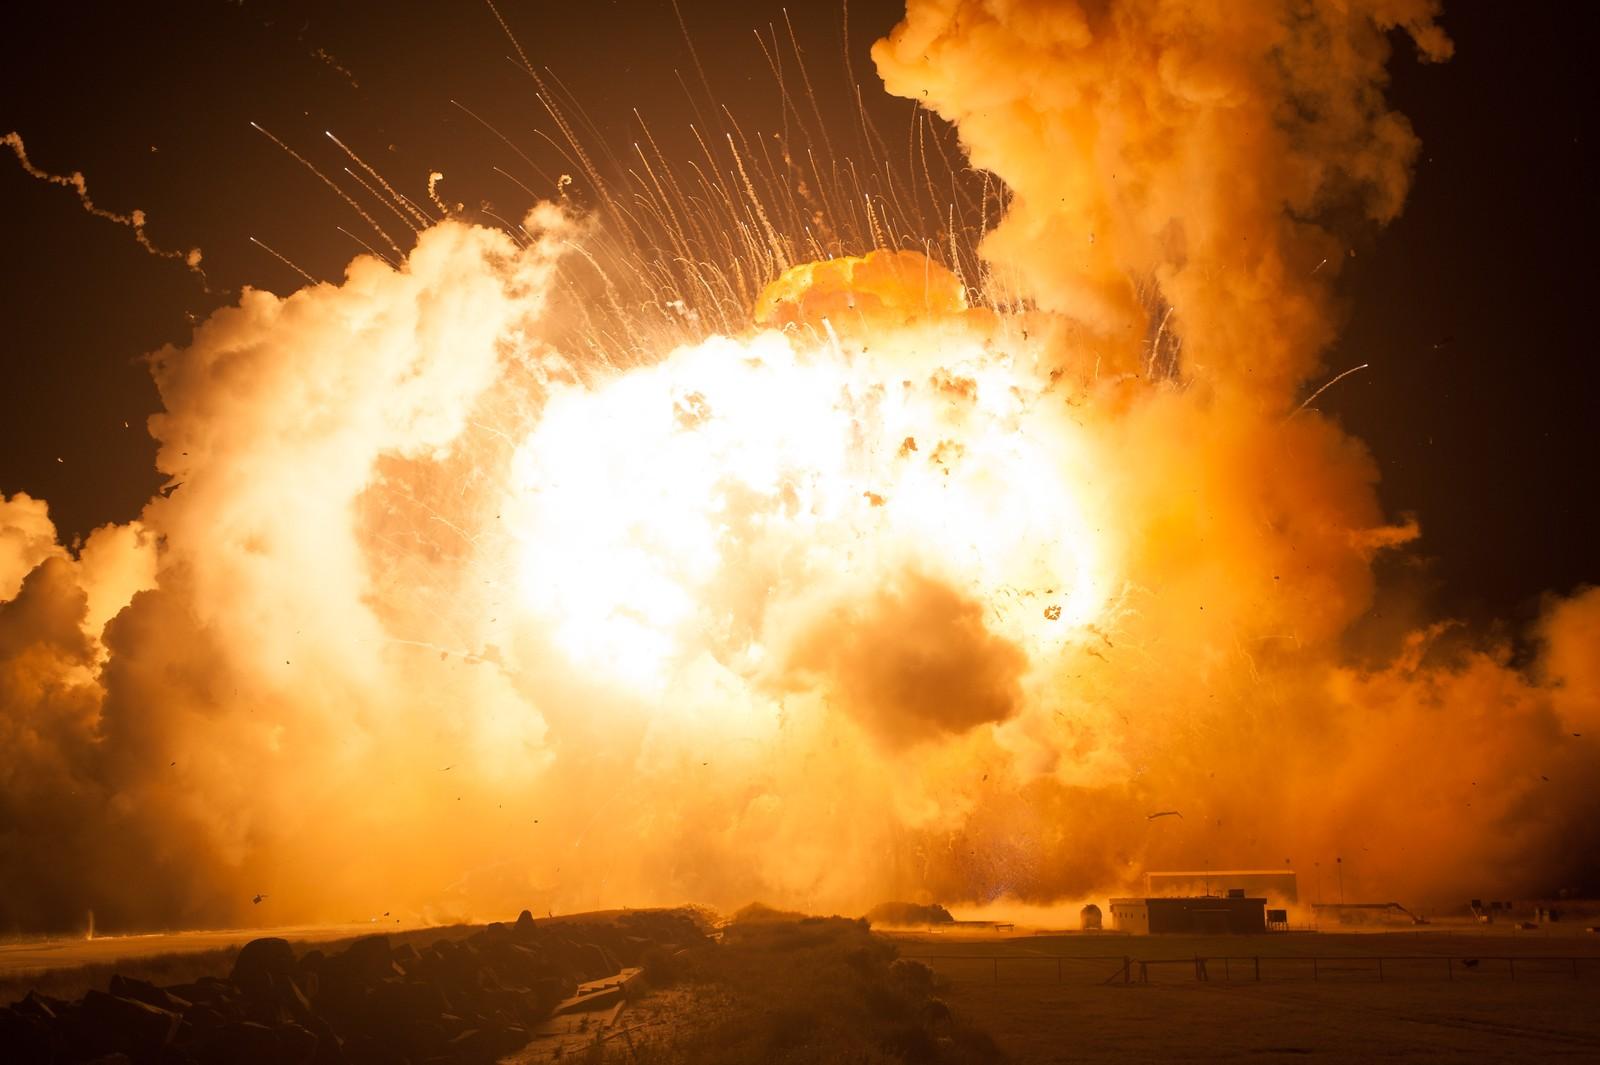 Den fjerde eksplosjonen er den kraftigste, den kommer under et halvt sekund etter den første.